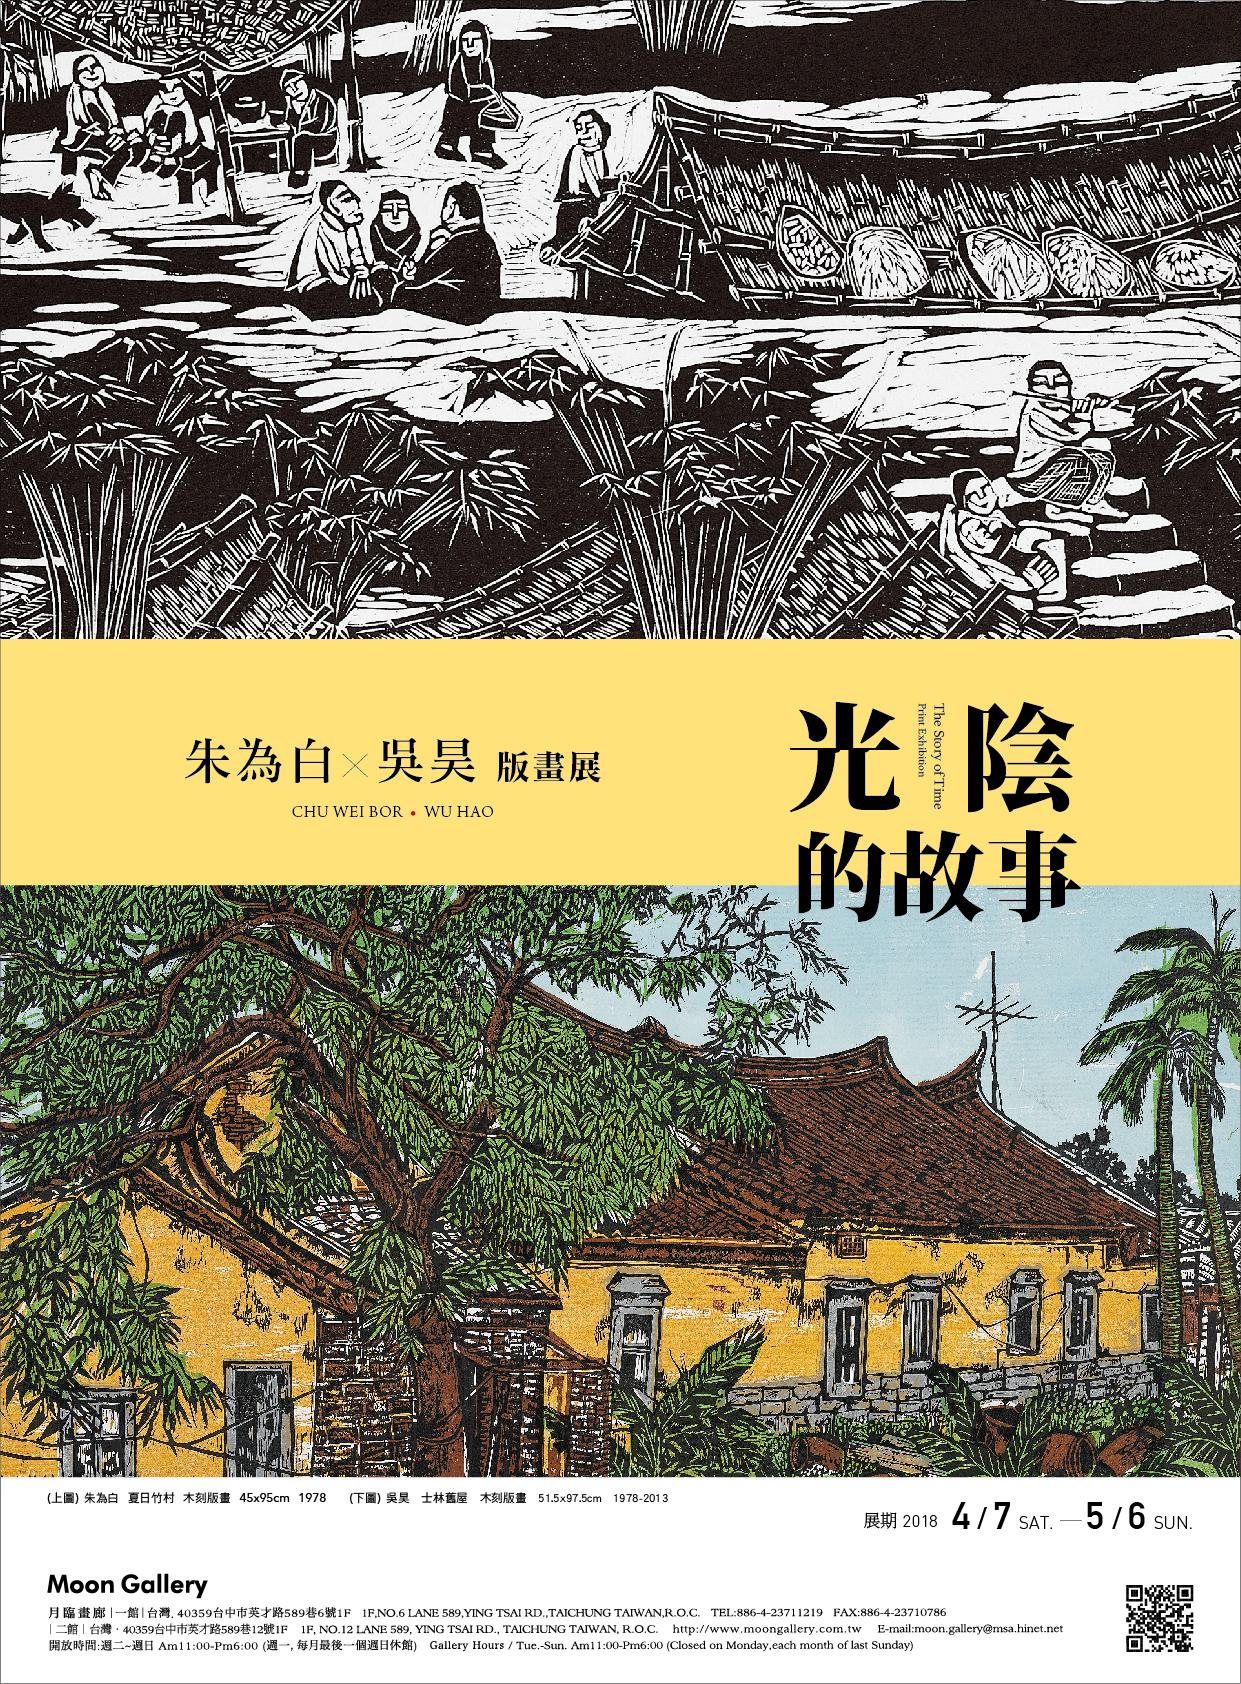 【展覽資訊|《光陰的故事》朱為白x吳昊版畫展】